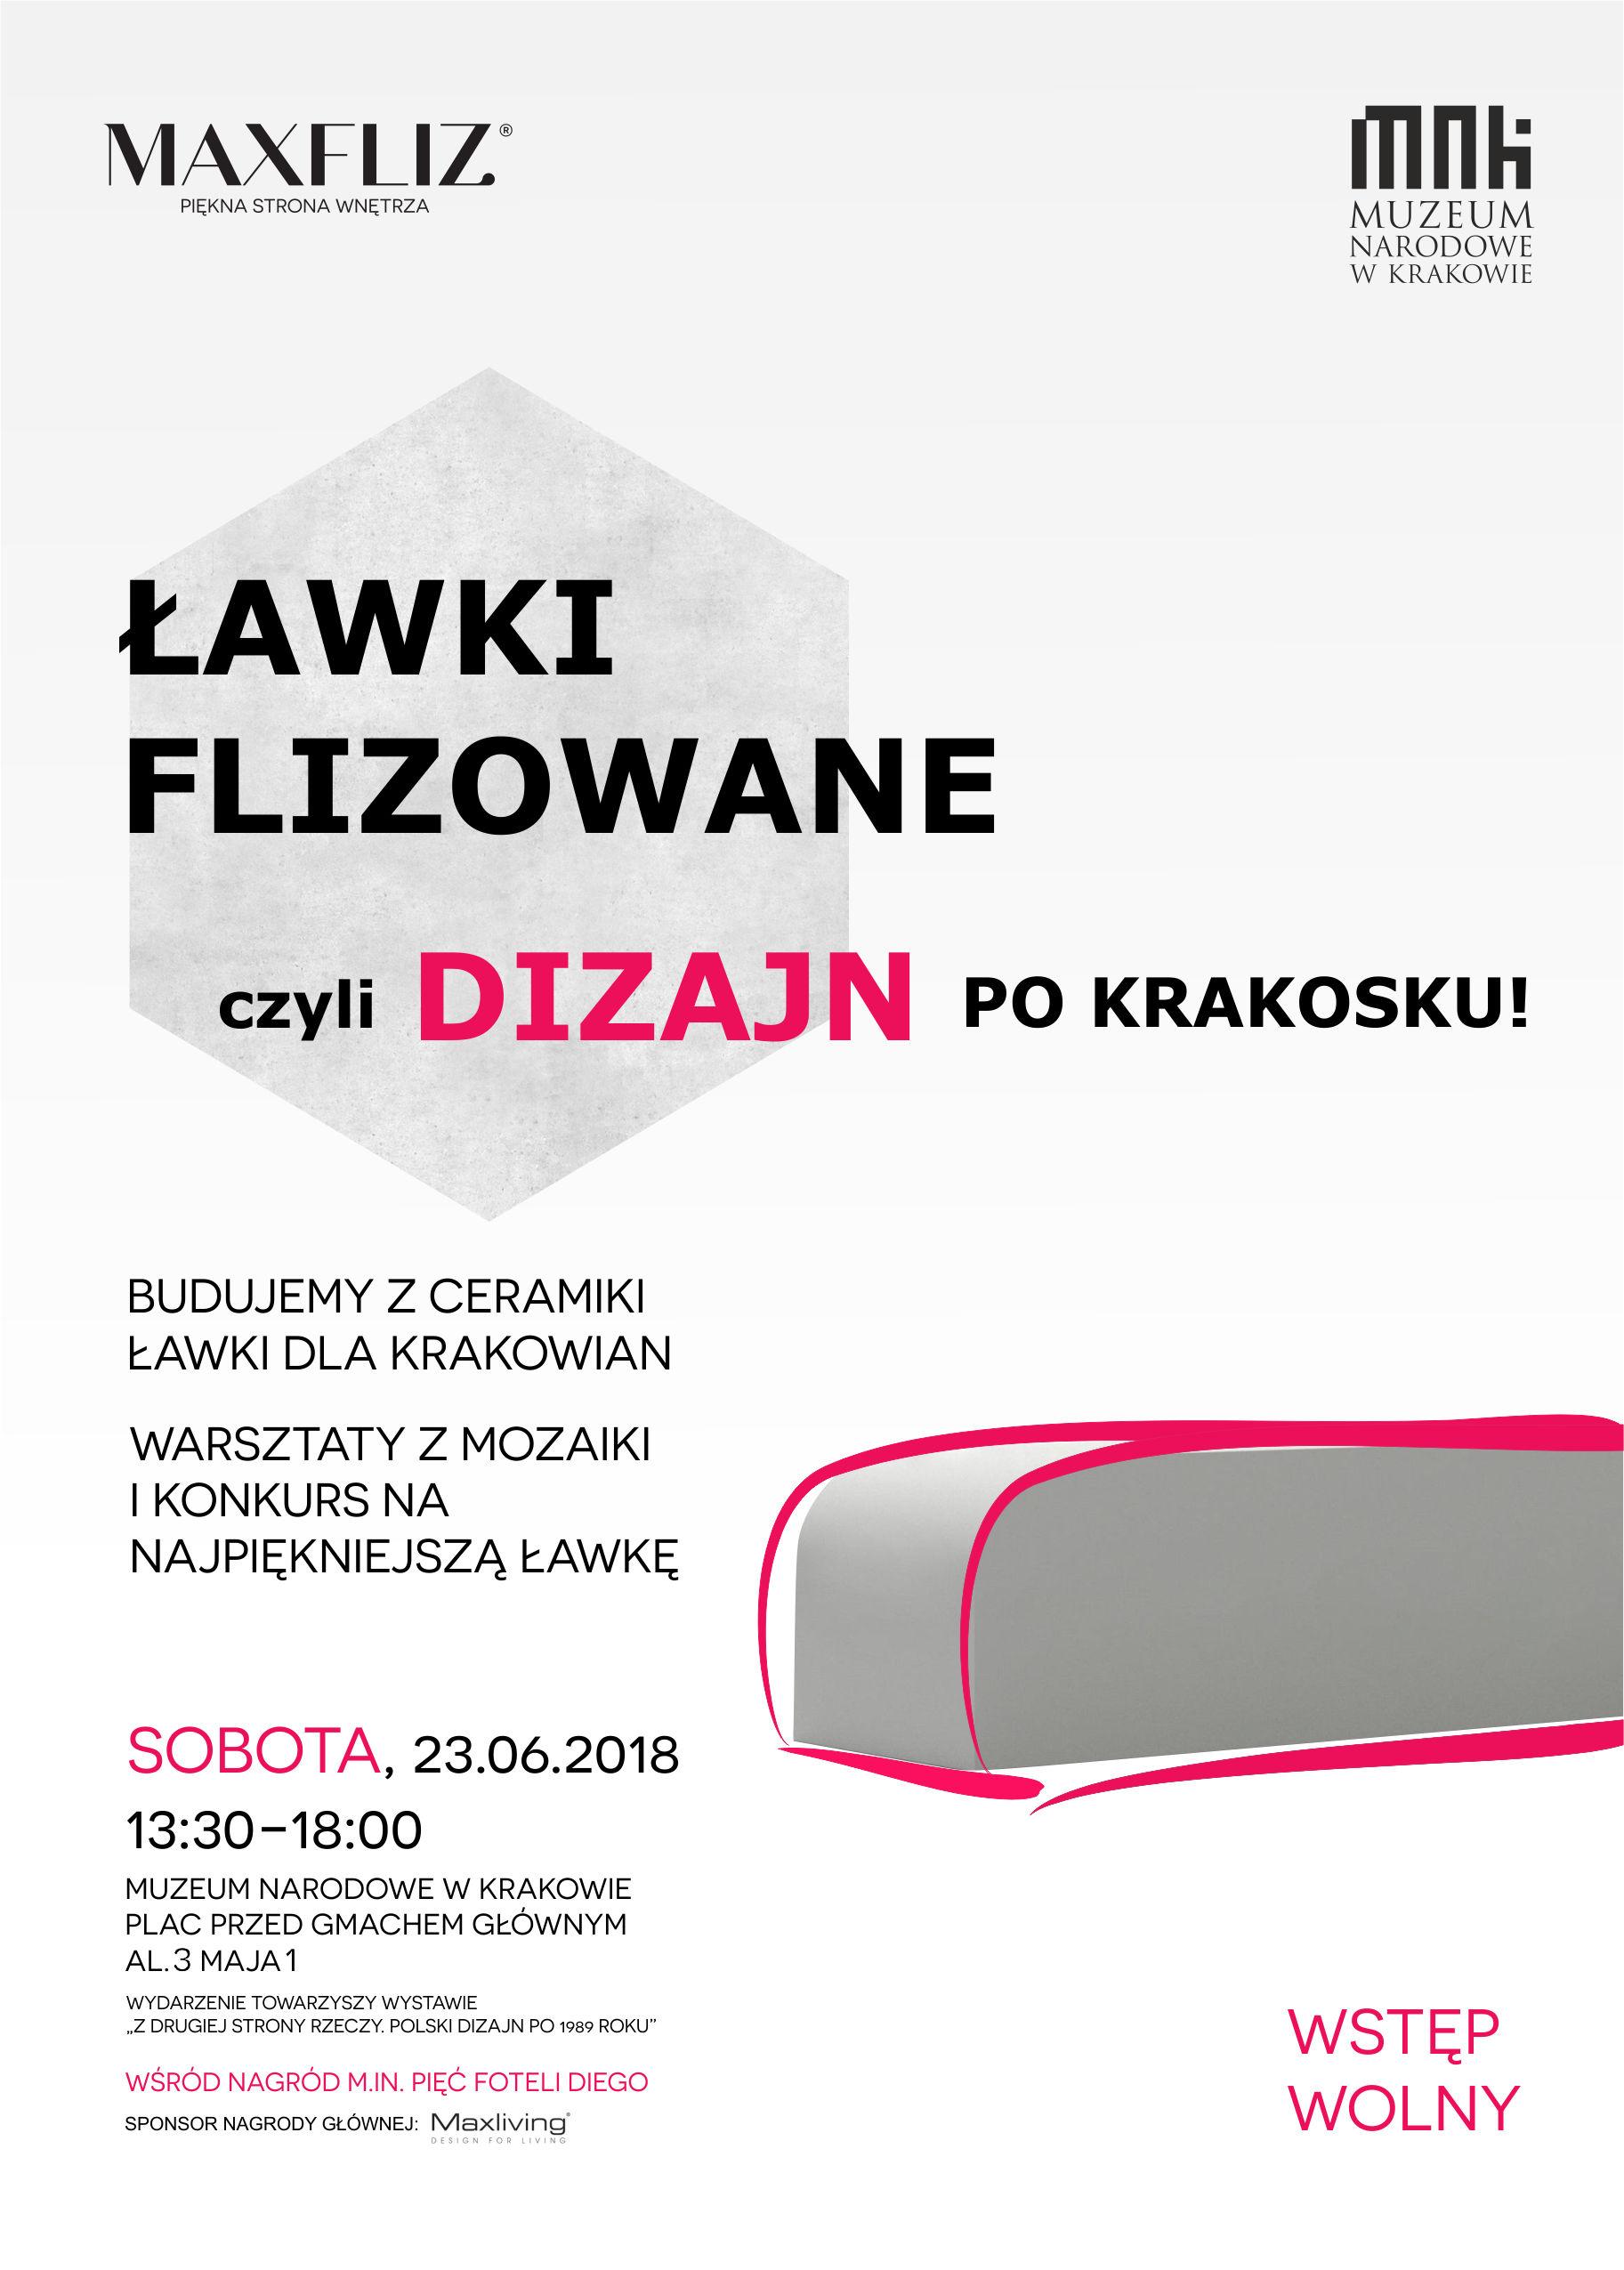 """""""Ławki flizowane, czyli dizajn po krakosku"""", Muzeum Narodowe w Krakowie (źródło: materiały prasowe organizatora)"""